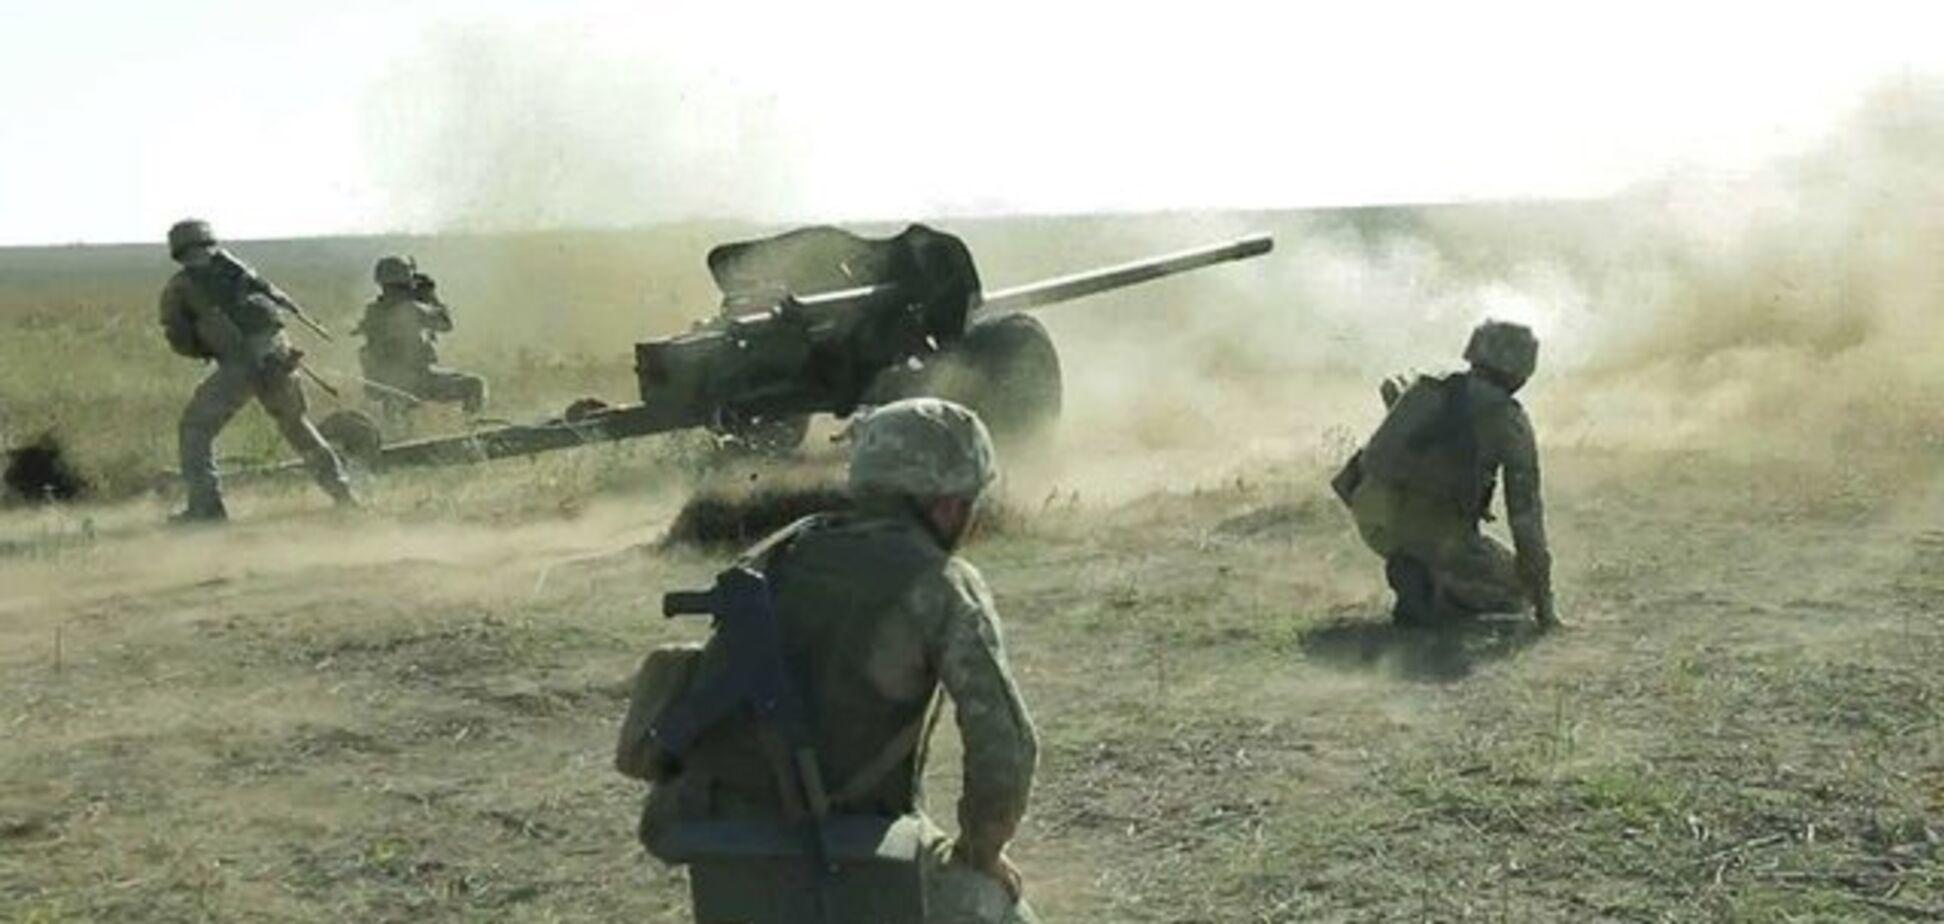 Артиллеристы ВСУ блестяще отразили атаку танков: мощные кадры